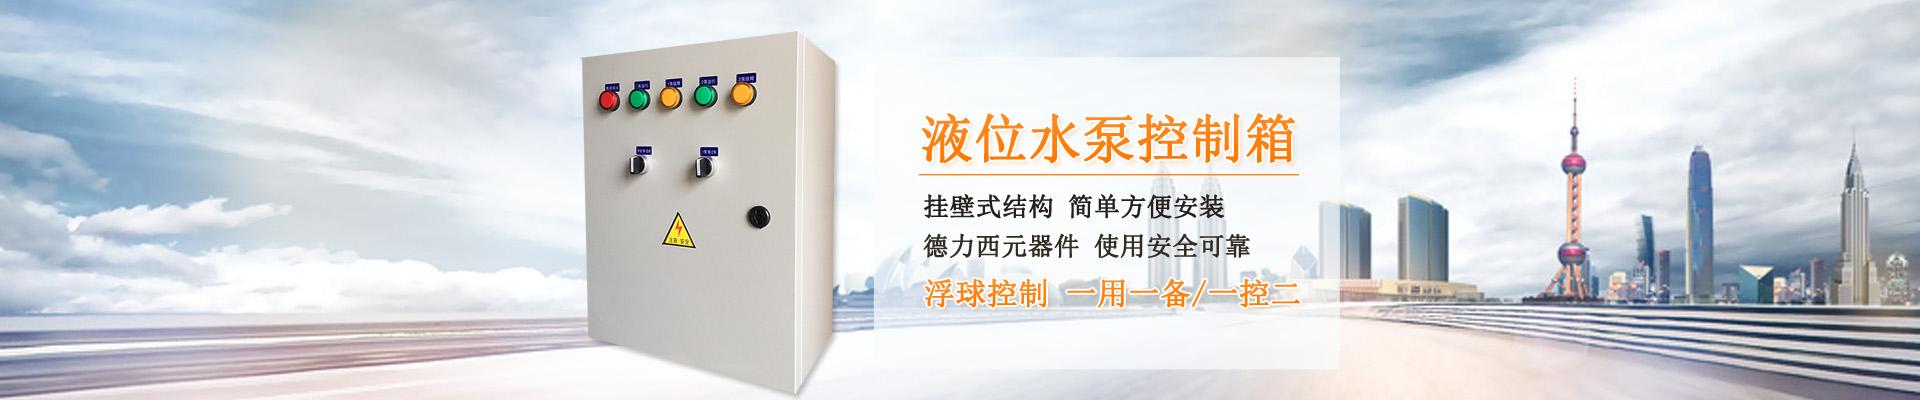 上海赞略电气设备制造有限公司